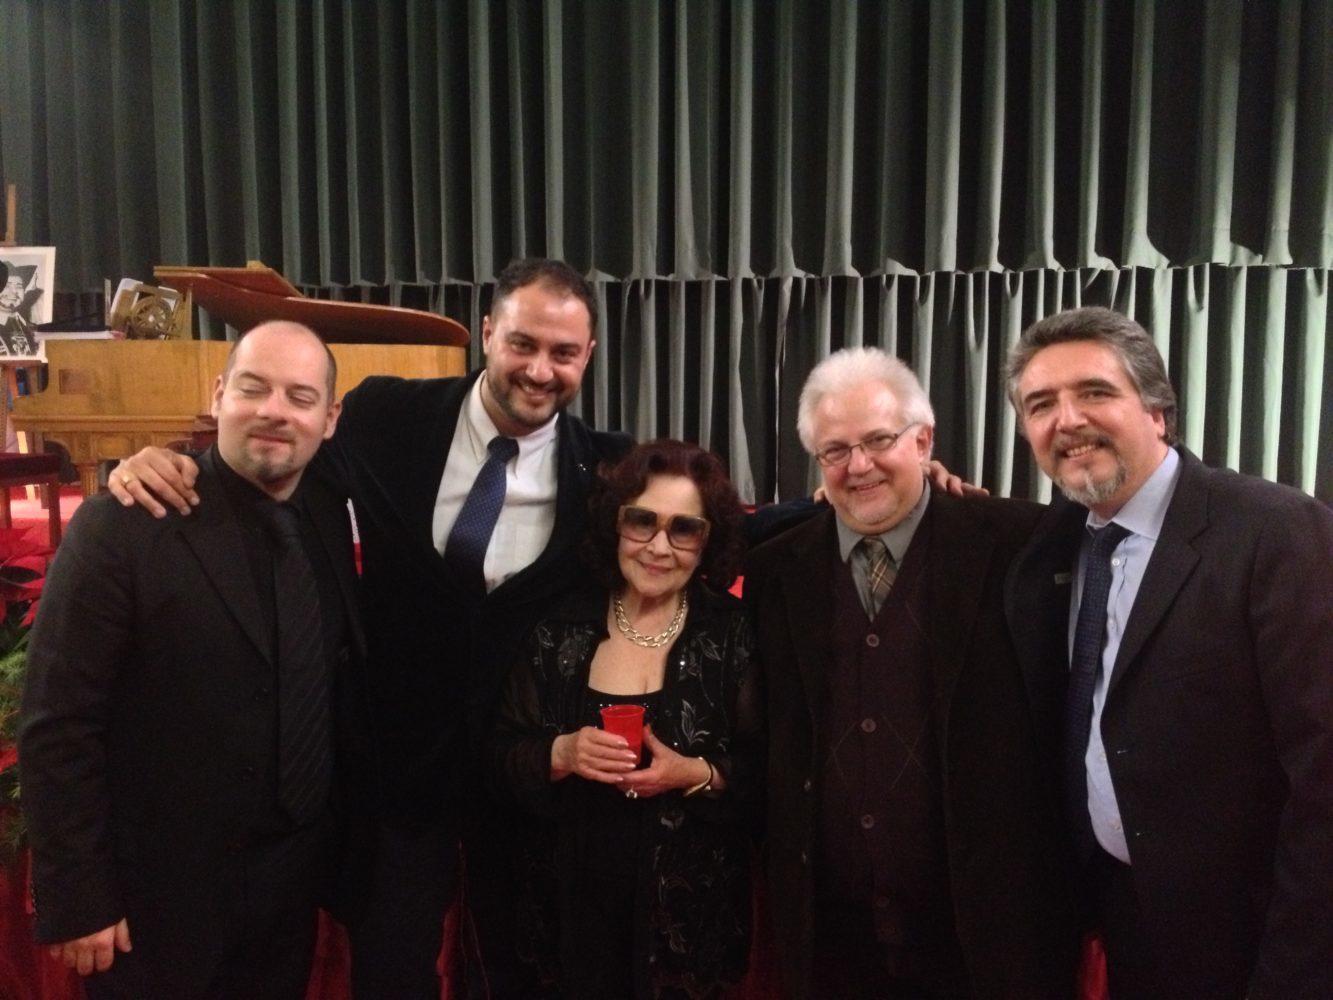 concorso Inrnazionale di Canto rinaldo Pelizzoni, Parma